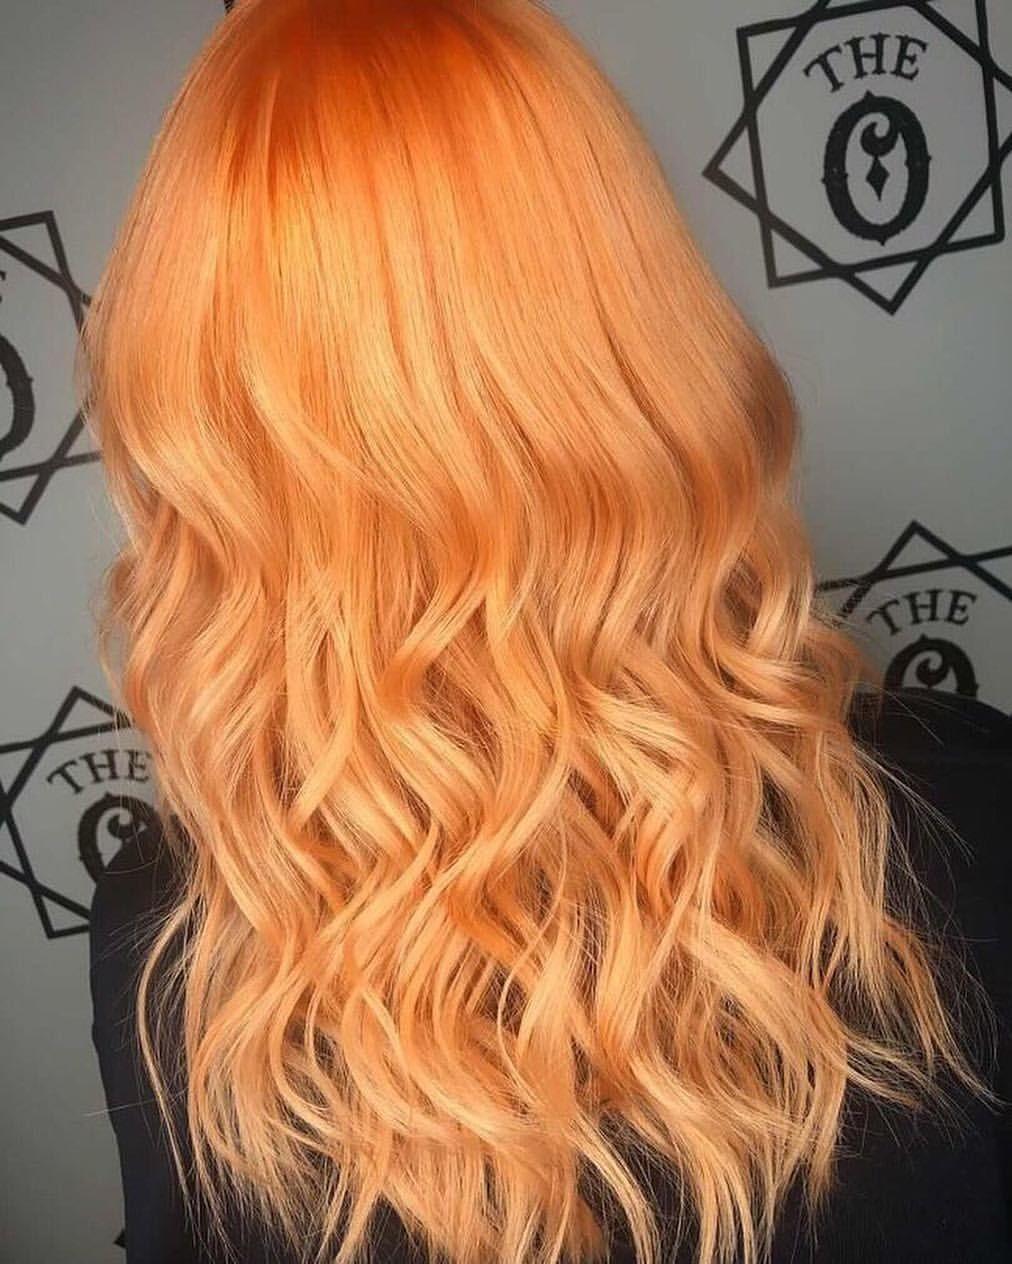 Peach Sunset Hair By Nattylouuuhair With Our